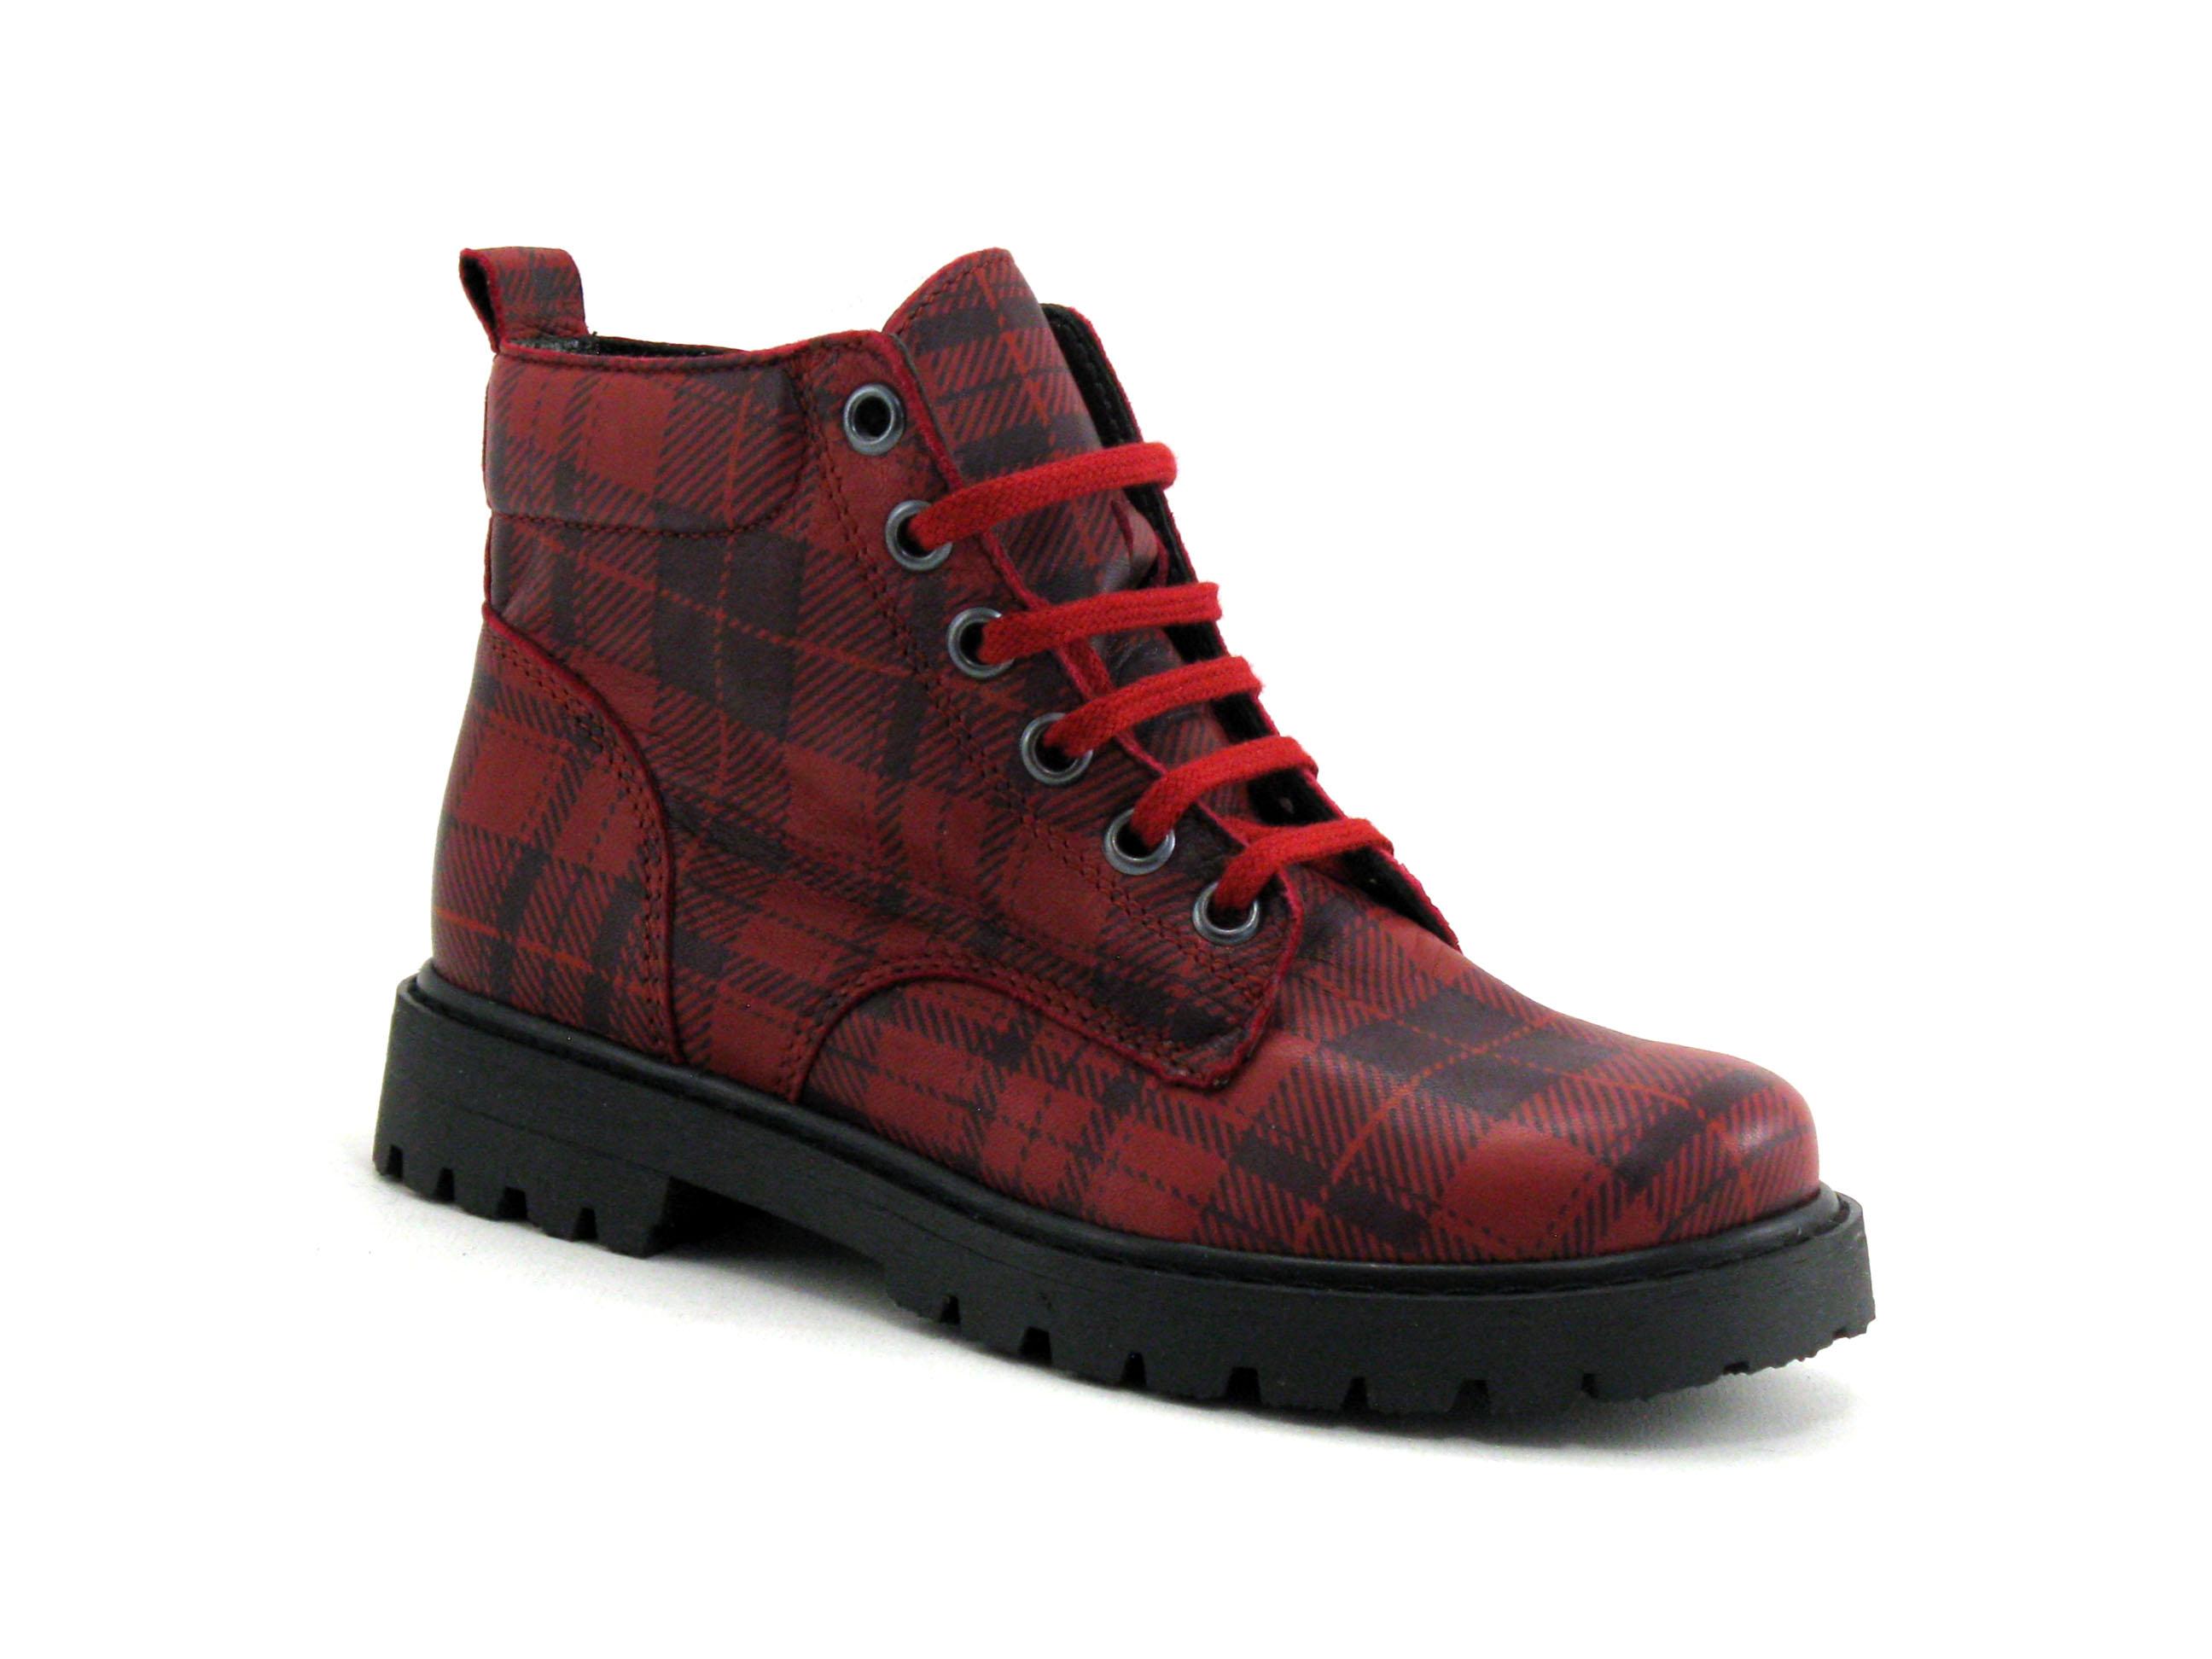 Achat chaussures Bellamy Enfant Botte et Bottillon, vente